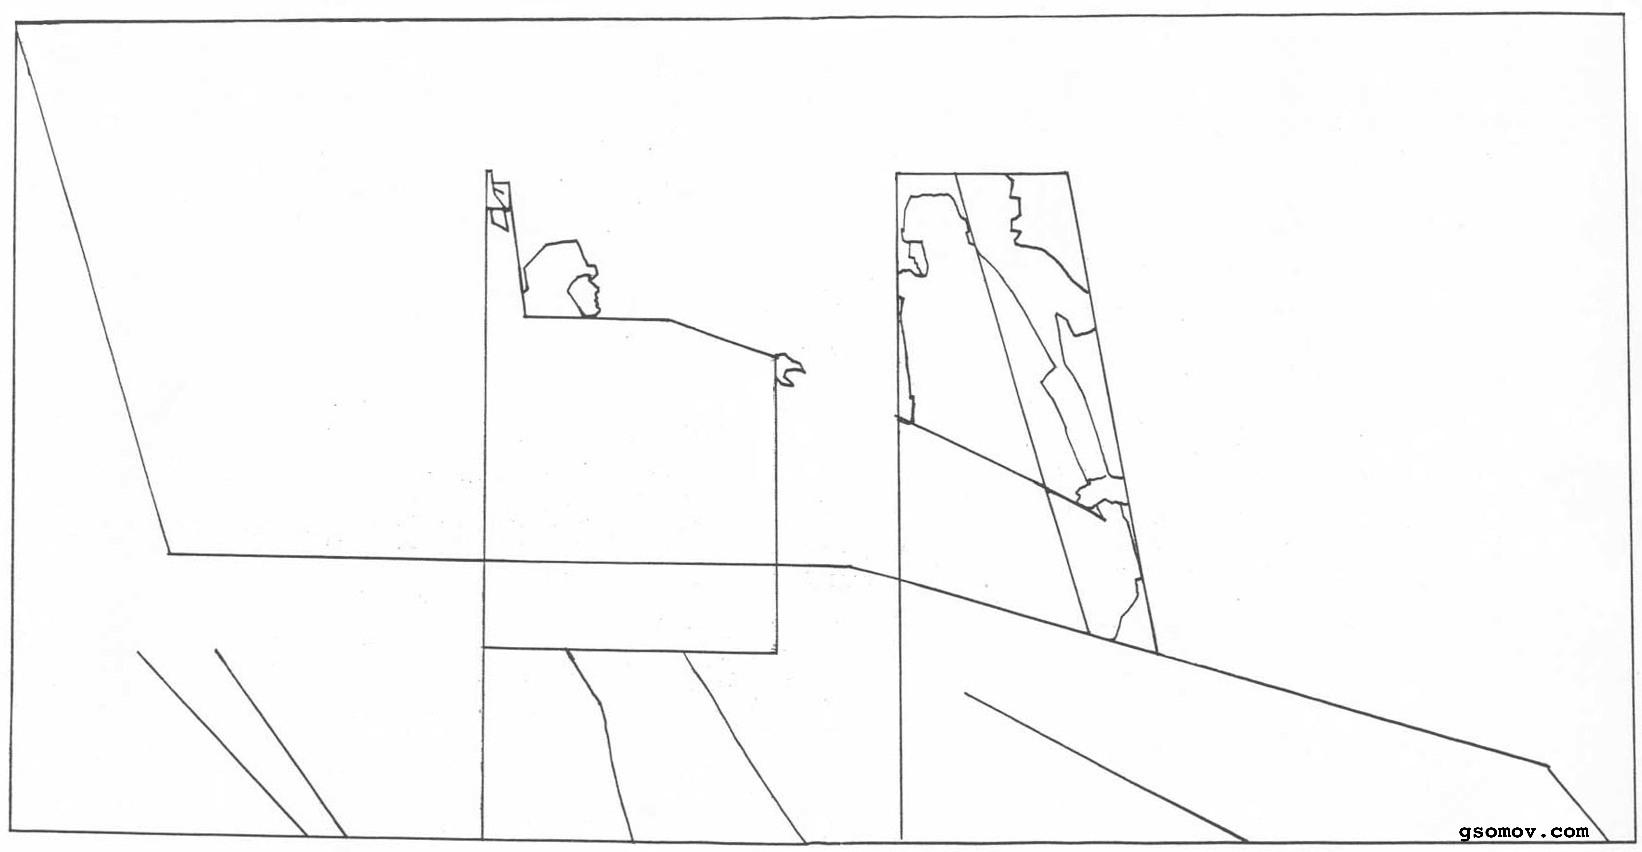 Рис. 6. «Боярыня Морозова». Коннотация: очертания скрытого знака поднятой руки в композиции картины развиты на всей плоскости изображения. Геометрические очертания фигур людей подобны очертаниям силуэта боярыни и ее руки, а также очертаниям руки с двумя перстами (см.также рис. 5). Таким образом скрытые символы двуперстия и поднятой руки как бы воплощаются в композиции картины в особой ритмической системе.